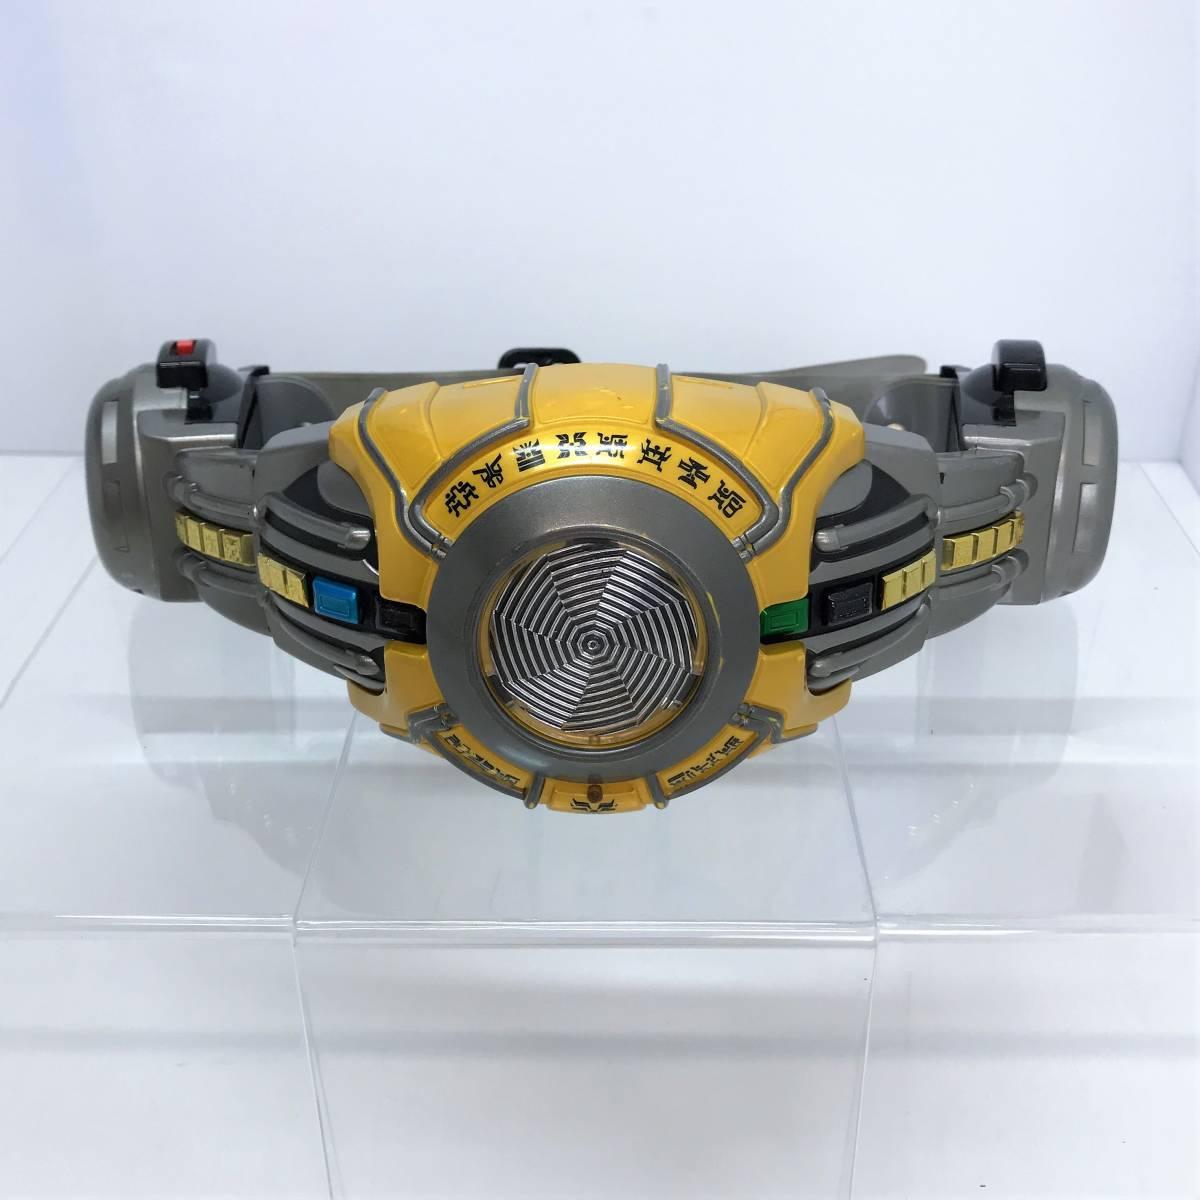 仮面ライダー クウガ DX 変身ベルト ソニックウェーブ アークル タイタンソード 当時物 なりきり 武器 まとめて 多数 大量 セット 出品中_画像10